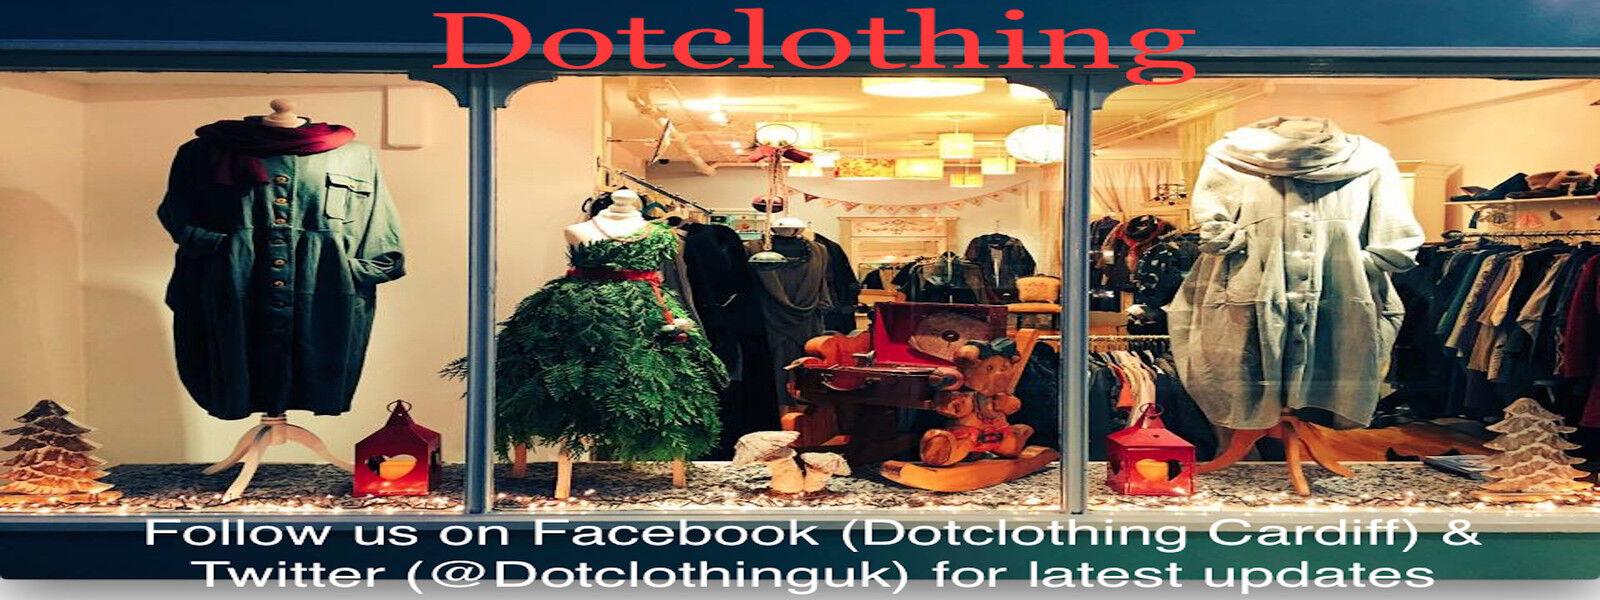 dotclothing